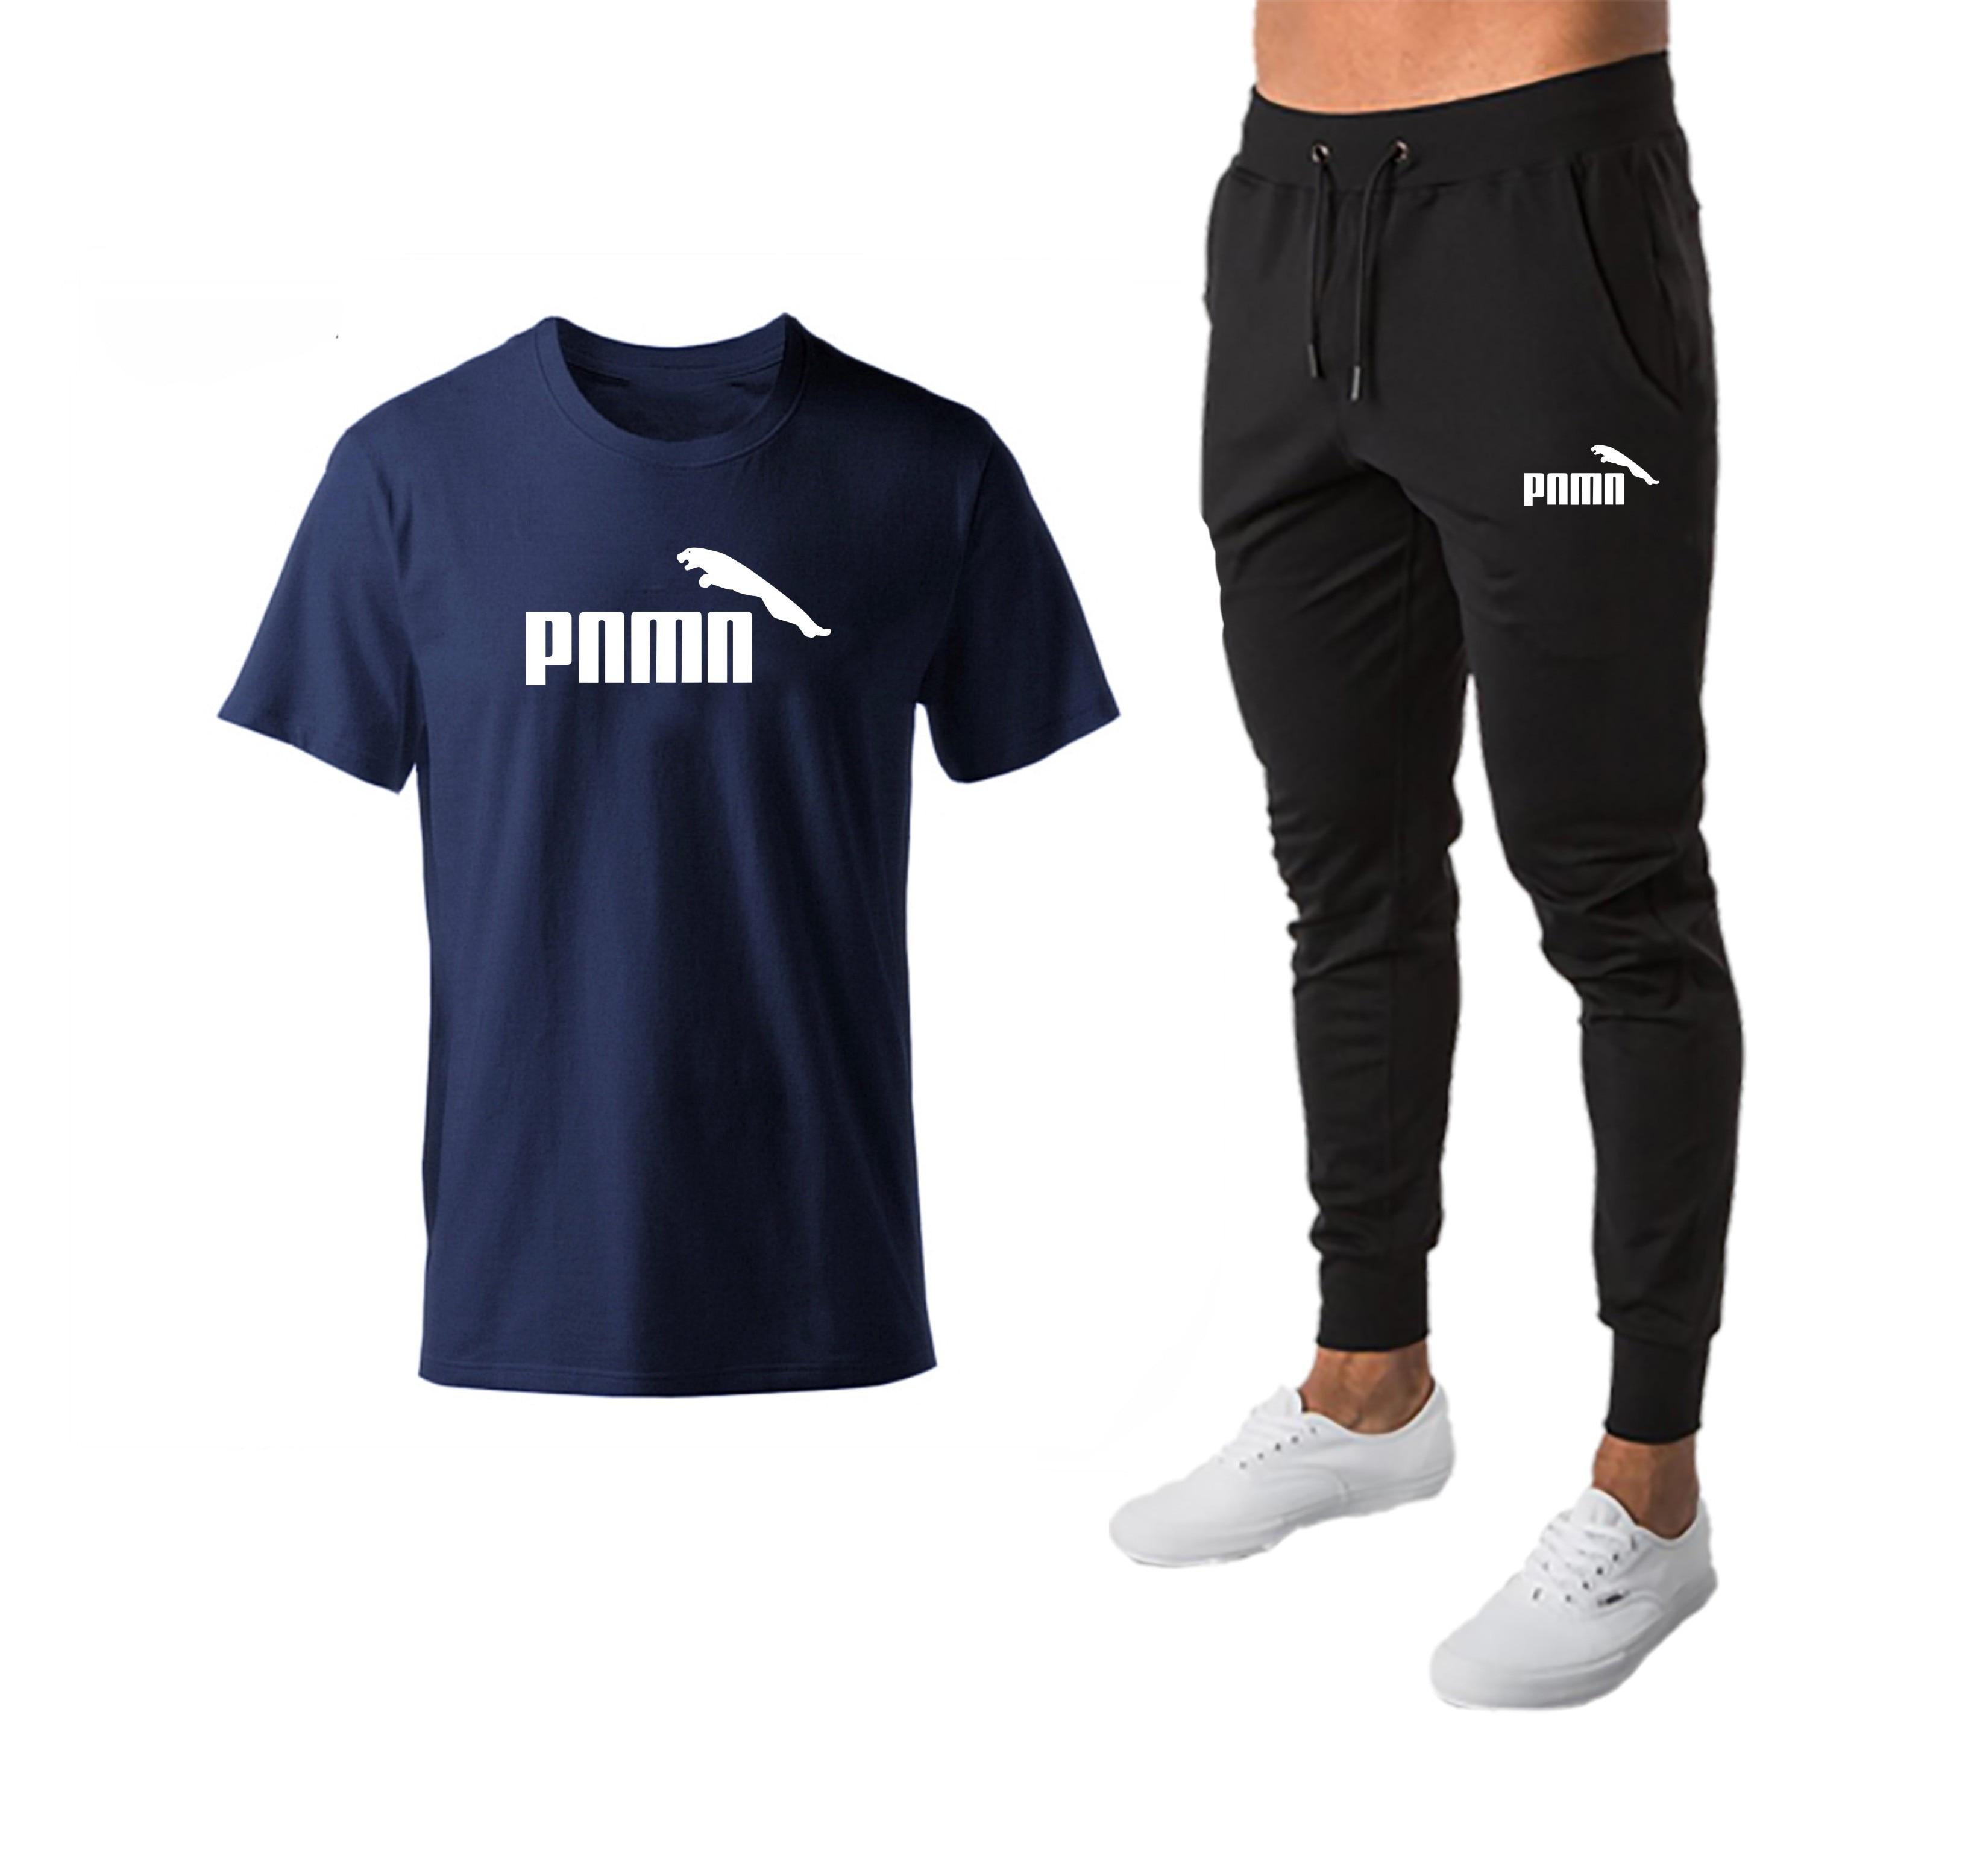 2020 Clothing Men's Fashion T-shirts + Sports Pants Workout Suits Tracksuit Casual Sportsuit Men Sportswear Clothes+Pant Set